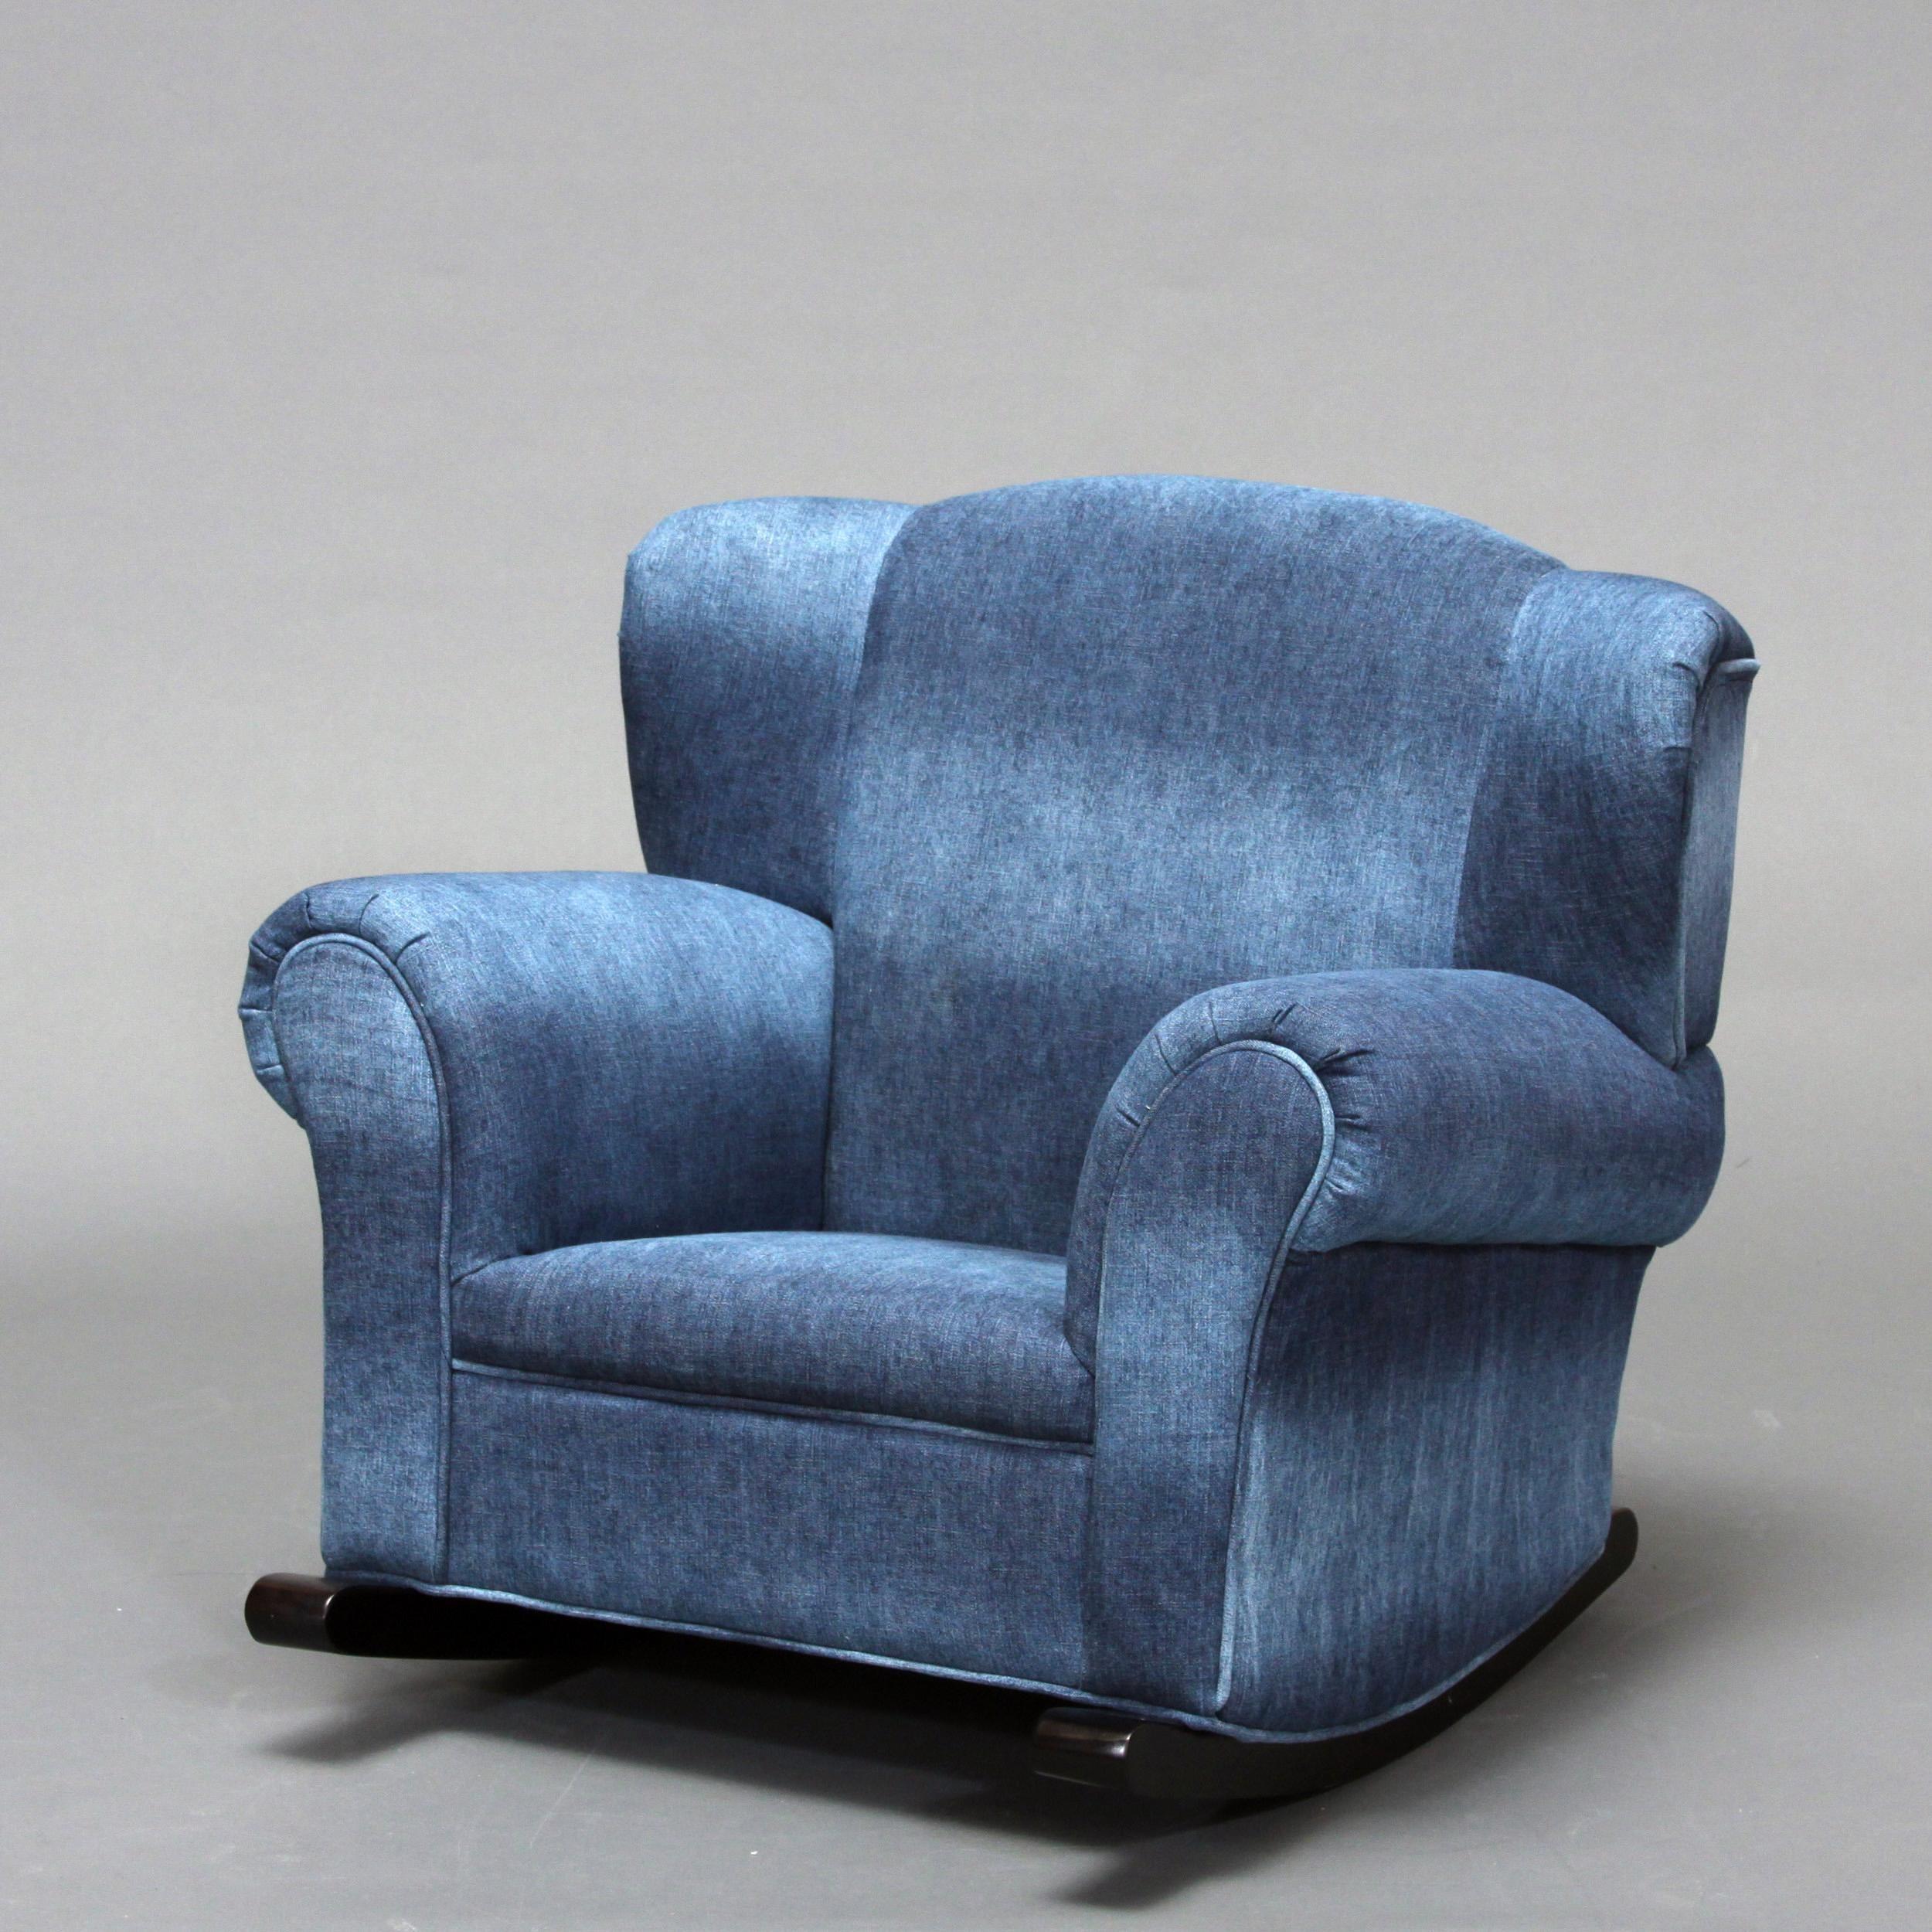 Child S Blue Denim Rocking Chair 13208784 Overstock